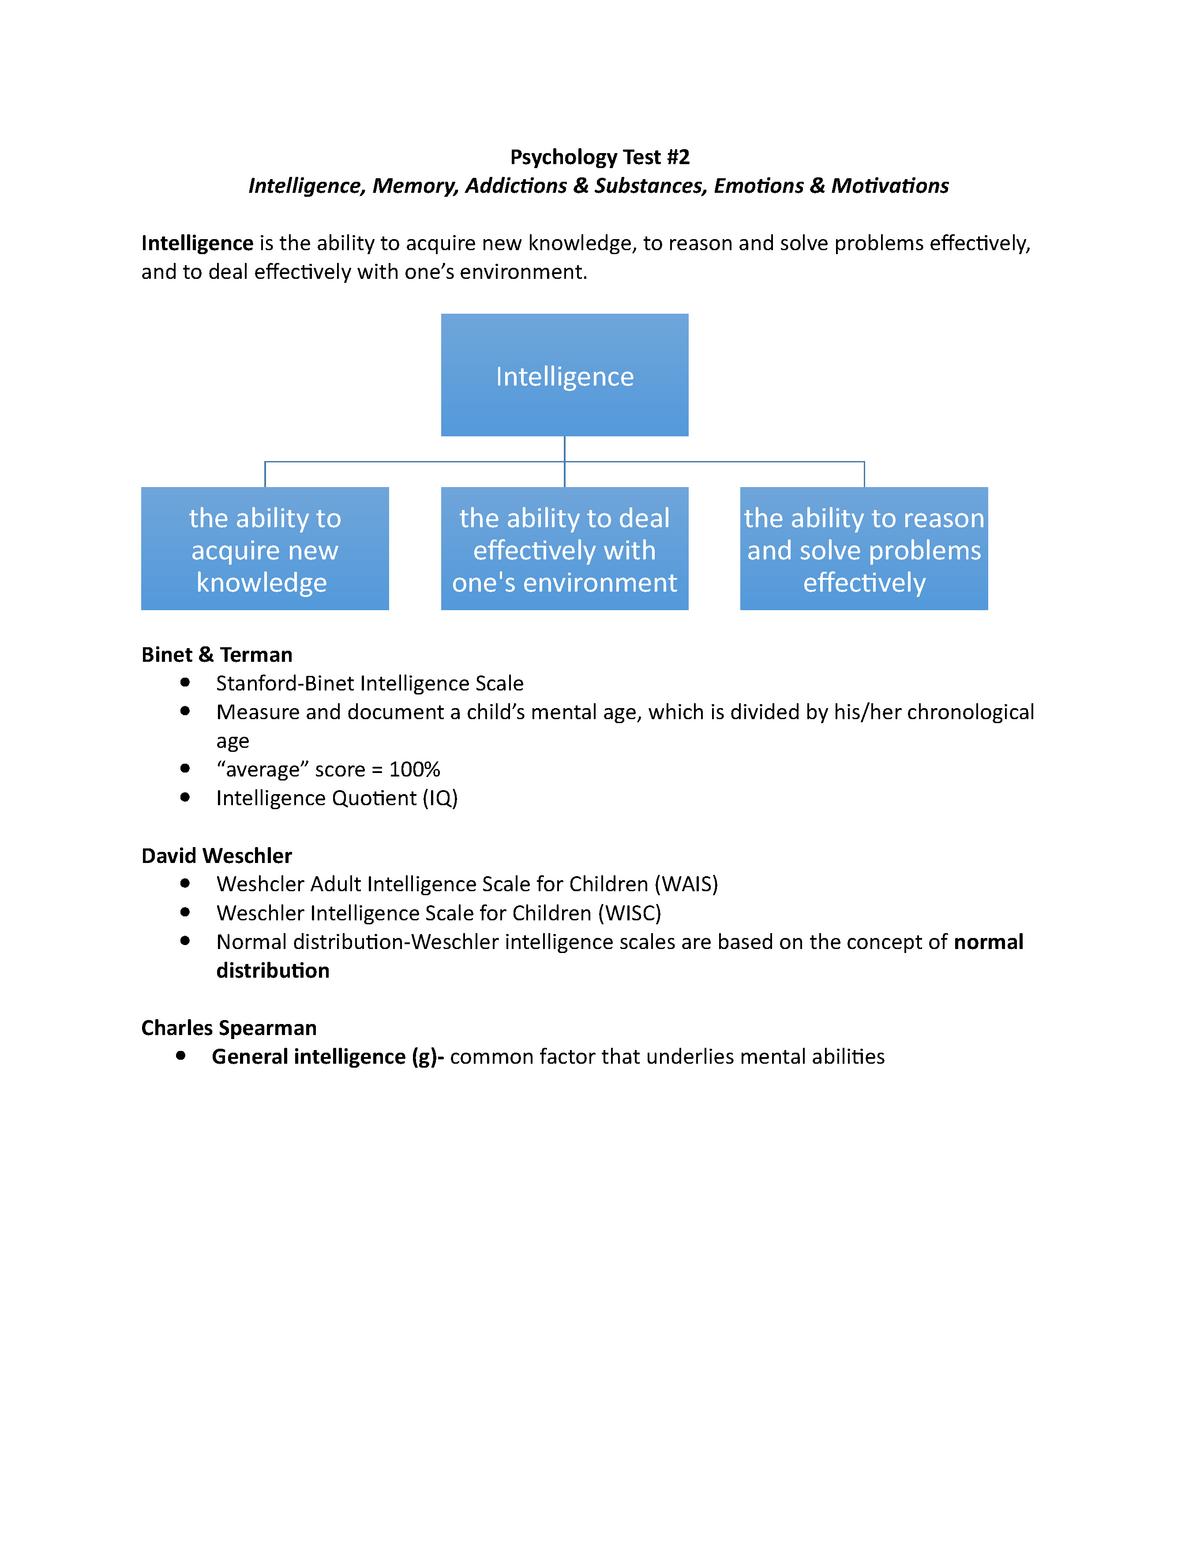 Psychology Test-Unit 2 Study Notes - PSYC-1001: Psychology - StuDocu